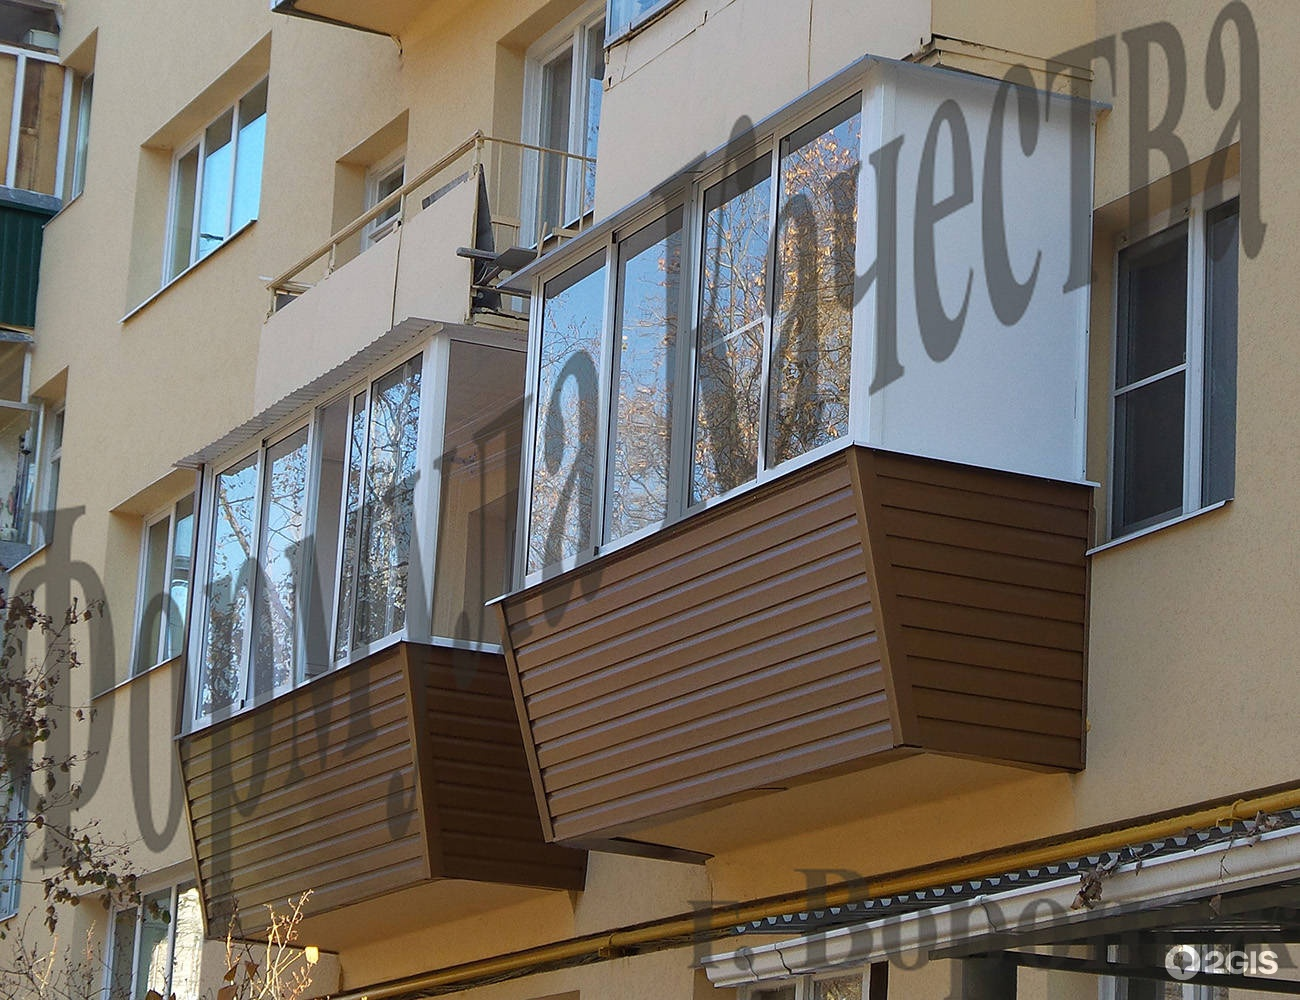 Алюминиевая система provedal для балконов и лоджий на пульсе.